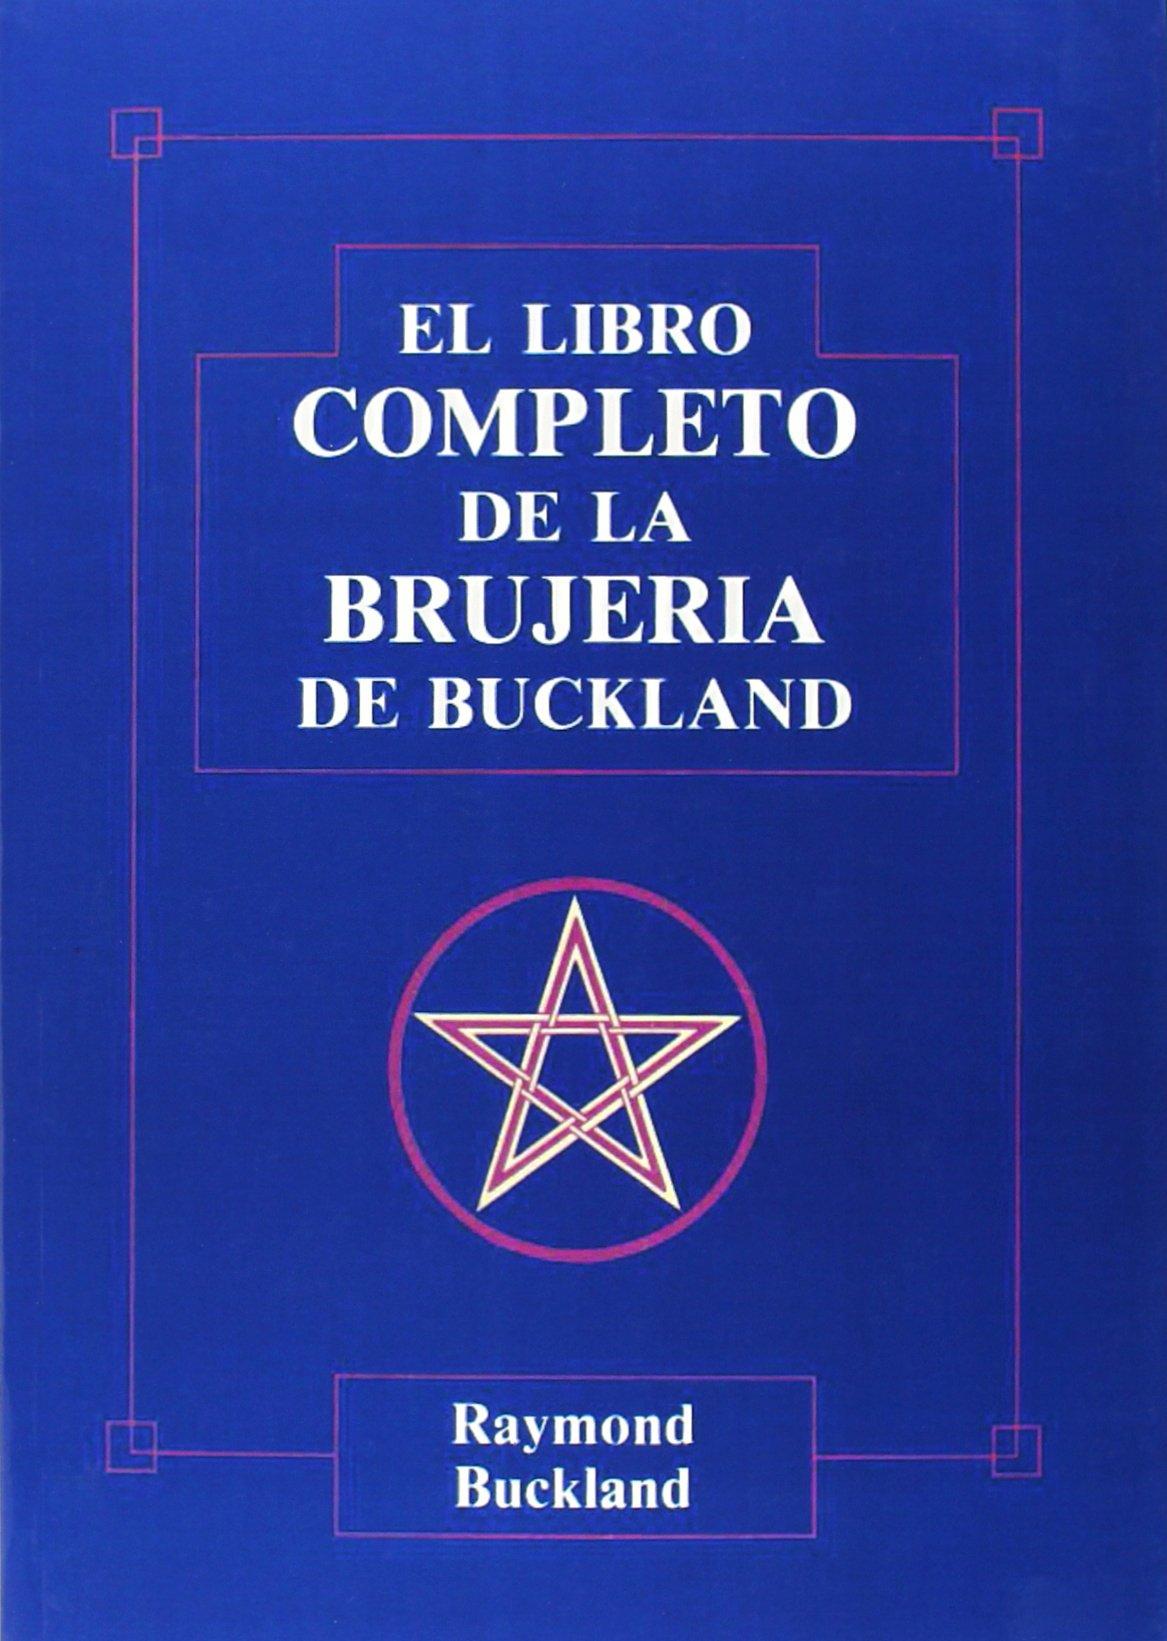 Imagen de la edición del libro para iniciar